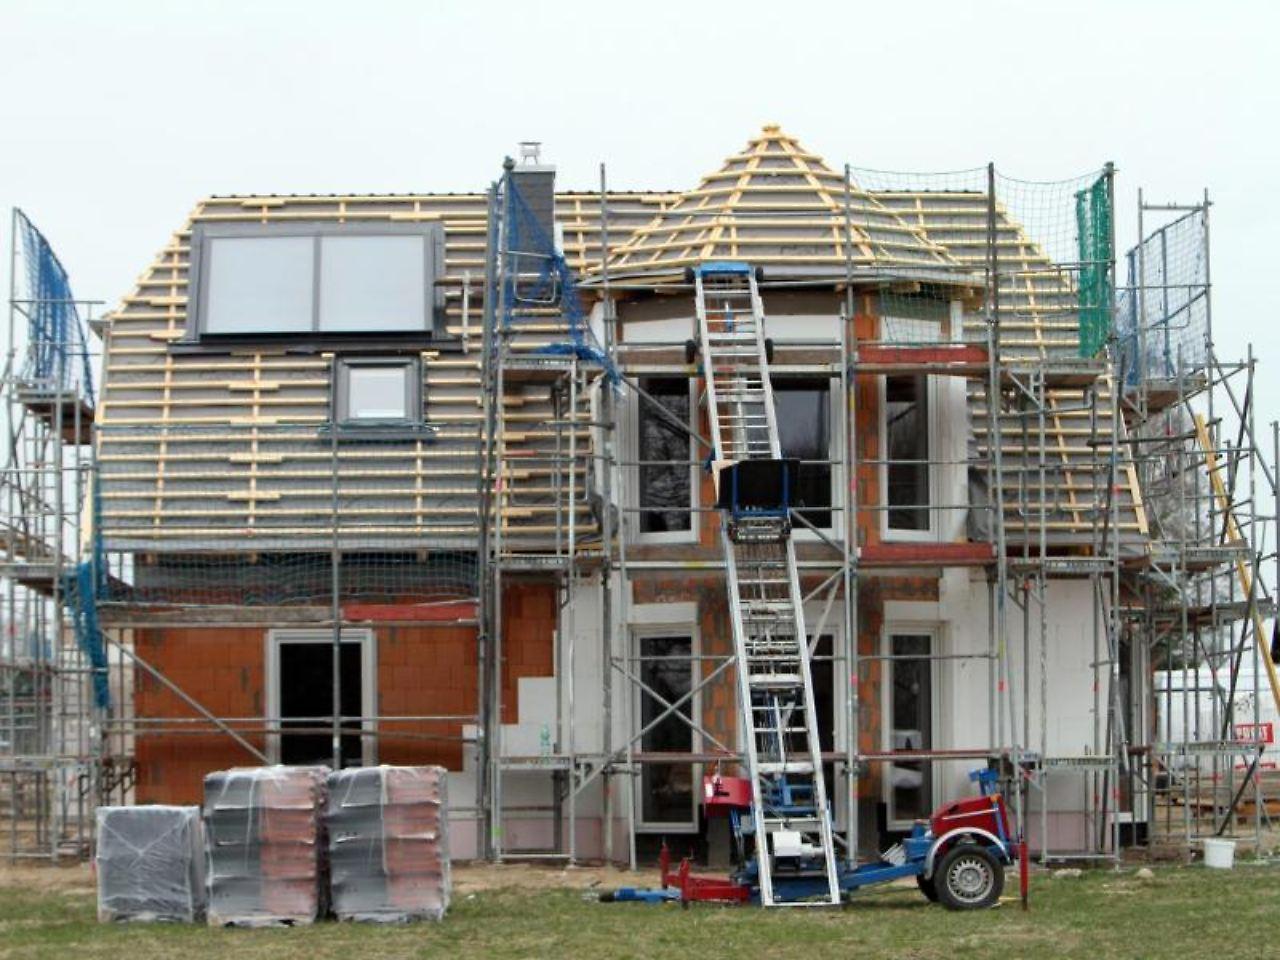 Große Baufirmen In Deutschland wahl der baufirma erfahrung und referenzen zählen n tv de